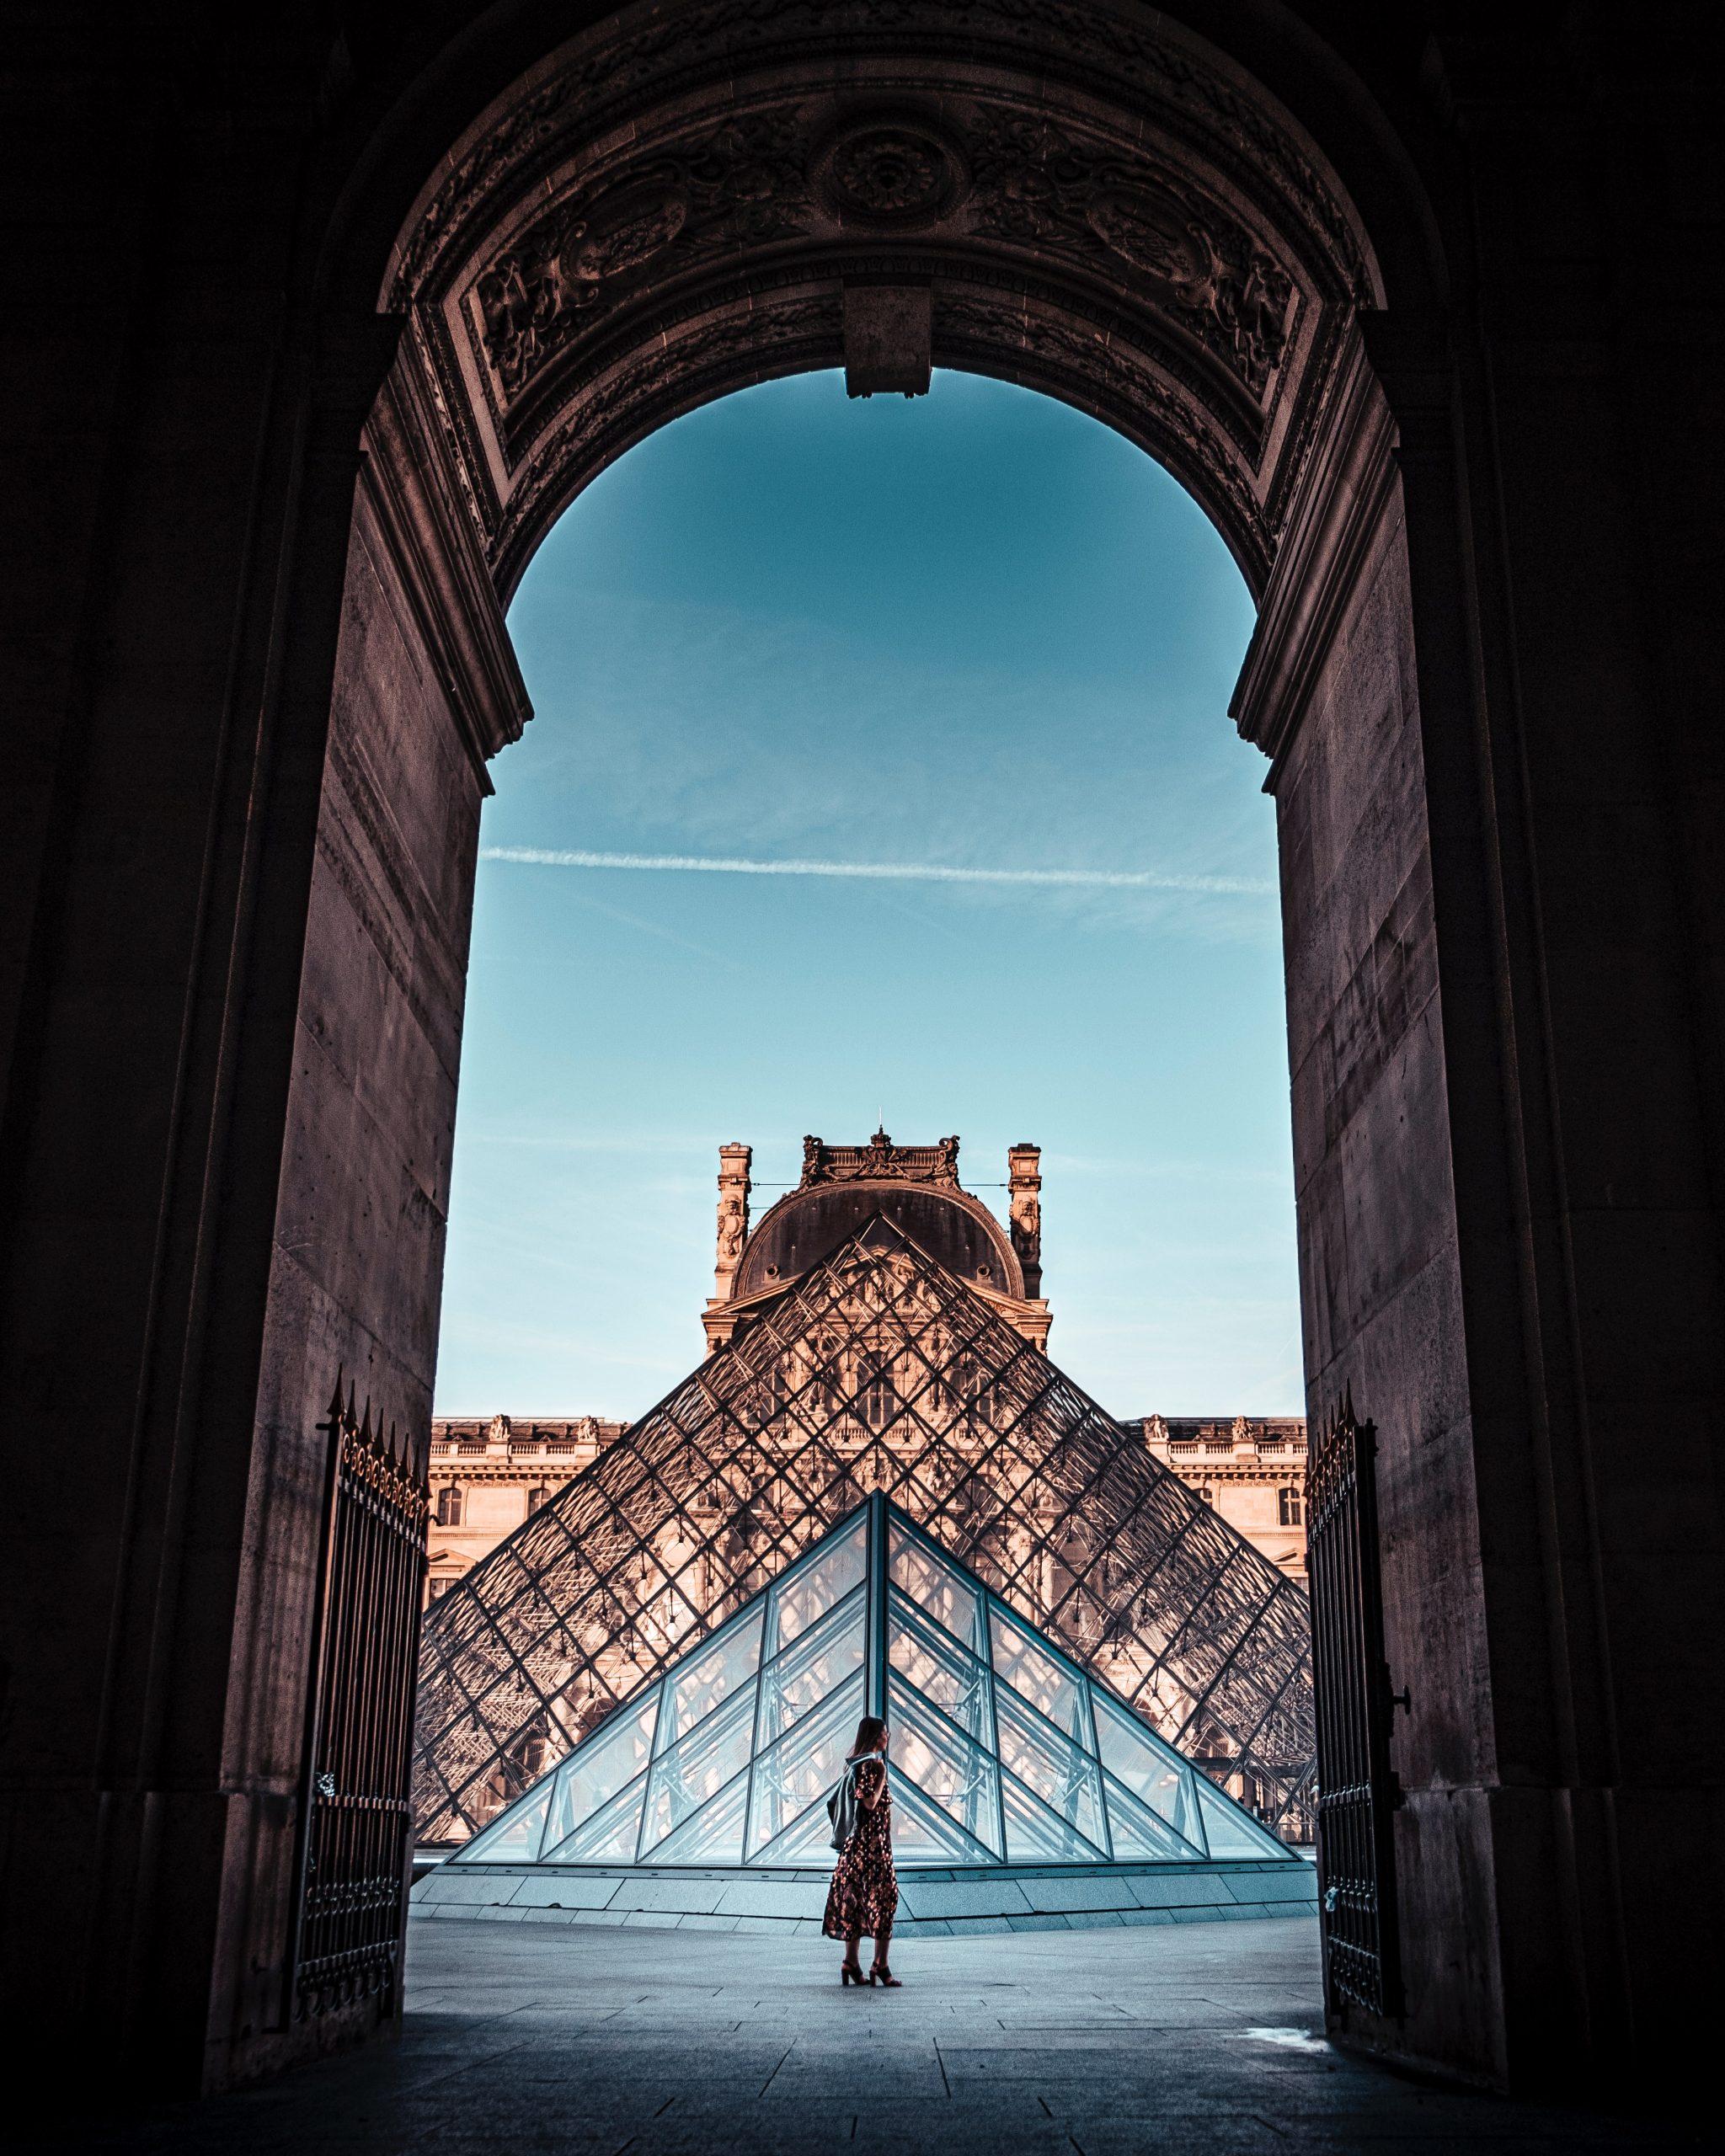 Foto: Clement Merouna en Unsplash